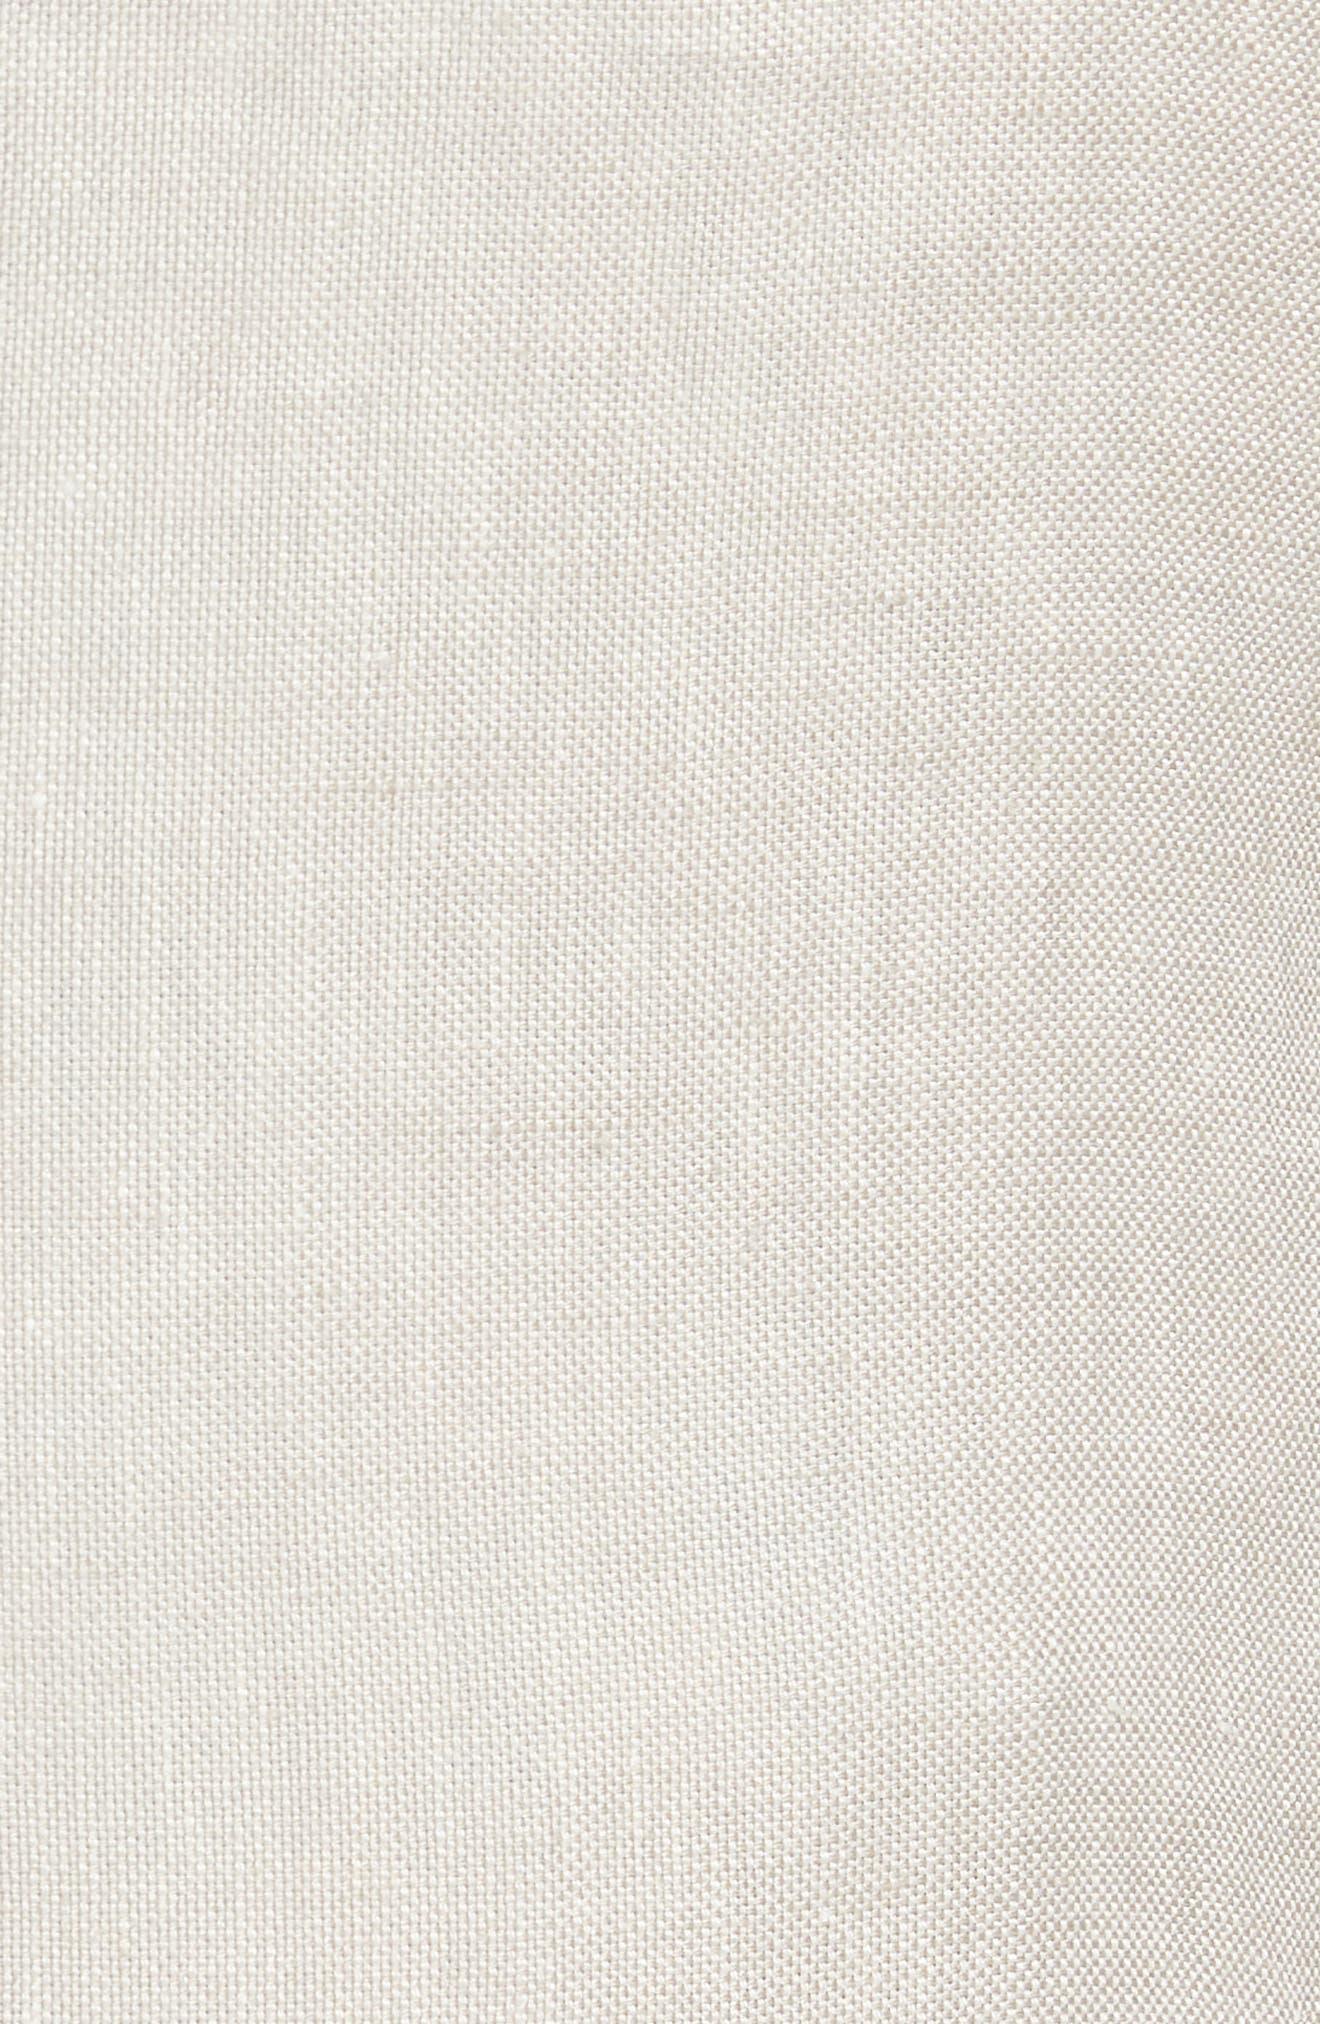 Unconstructed Linen Blazer,                             Alternate thumbnail 6, color,                             250